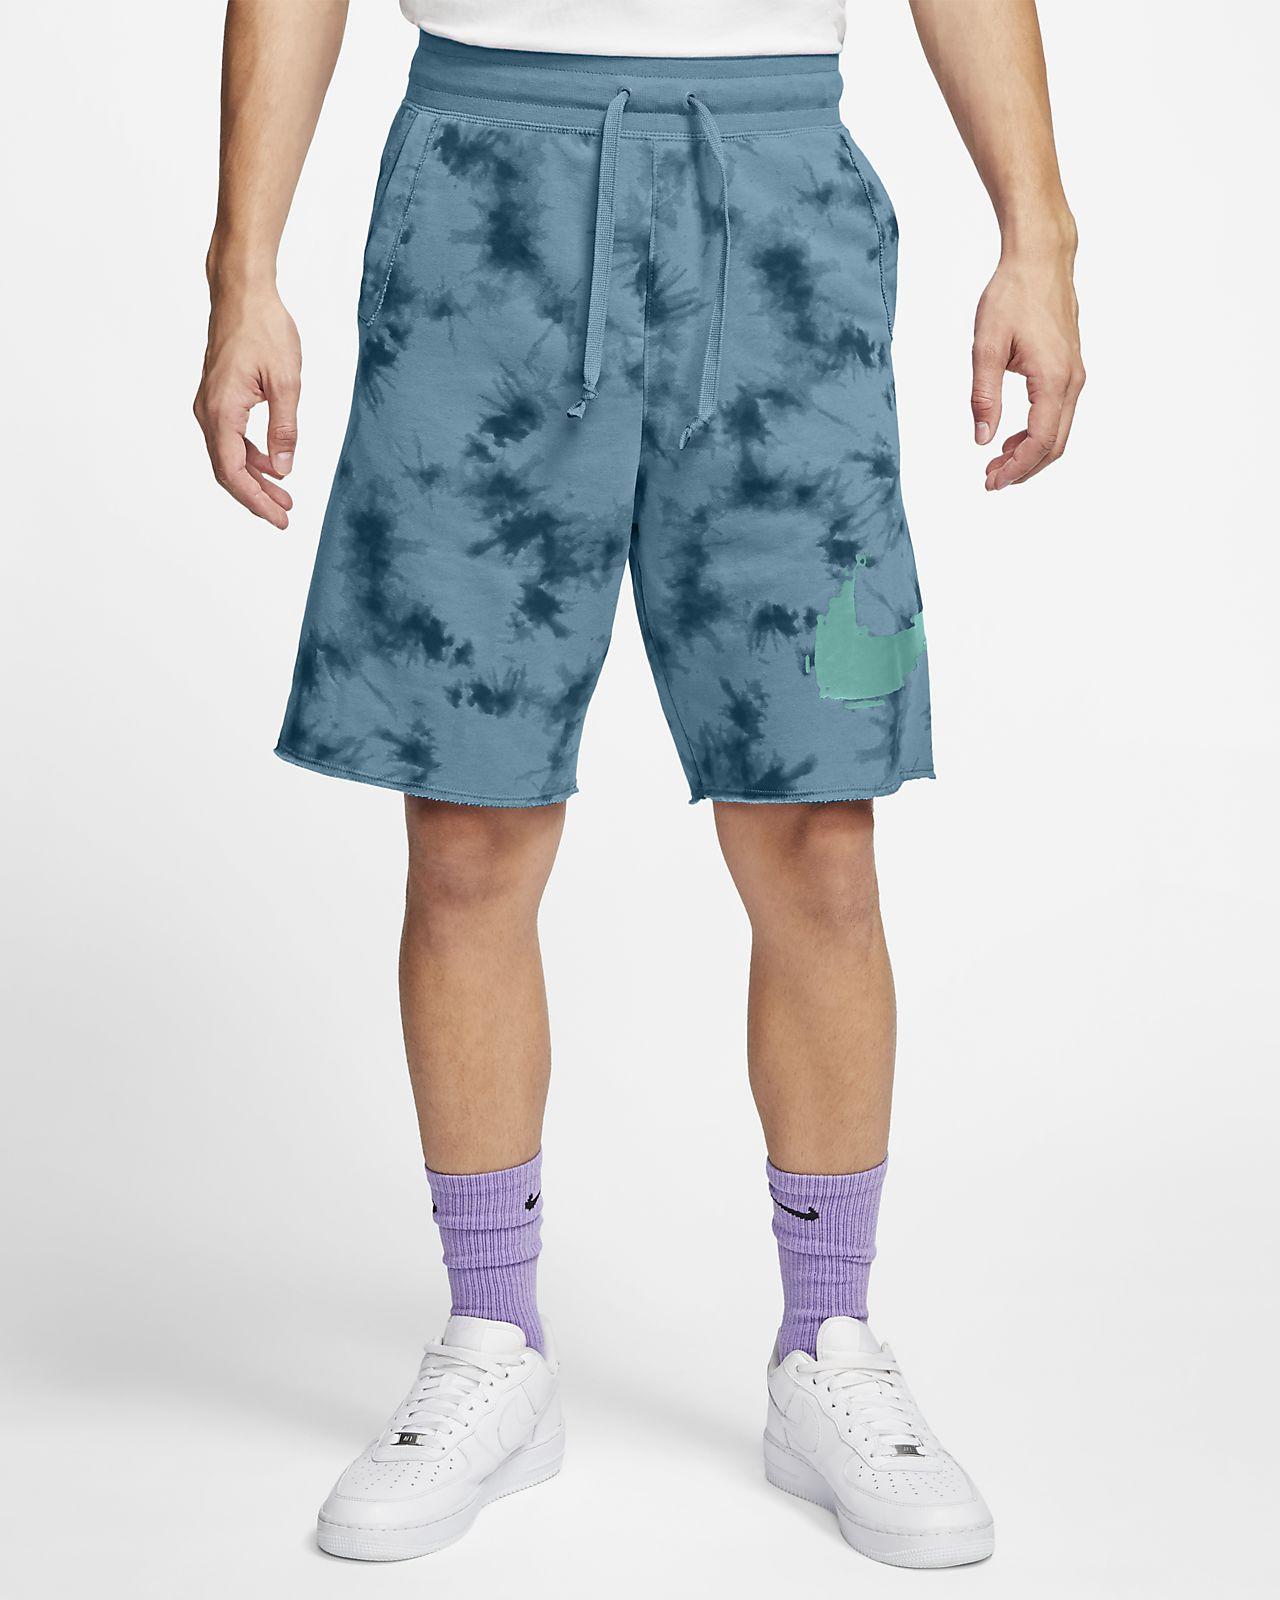 Nike Sportswear Men's Tie-Dye Shorts